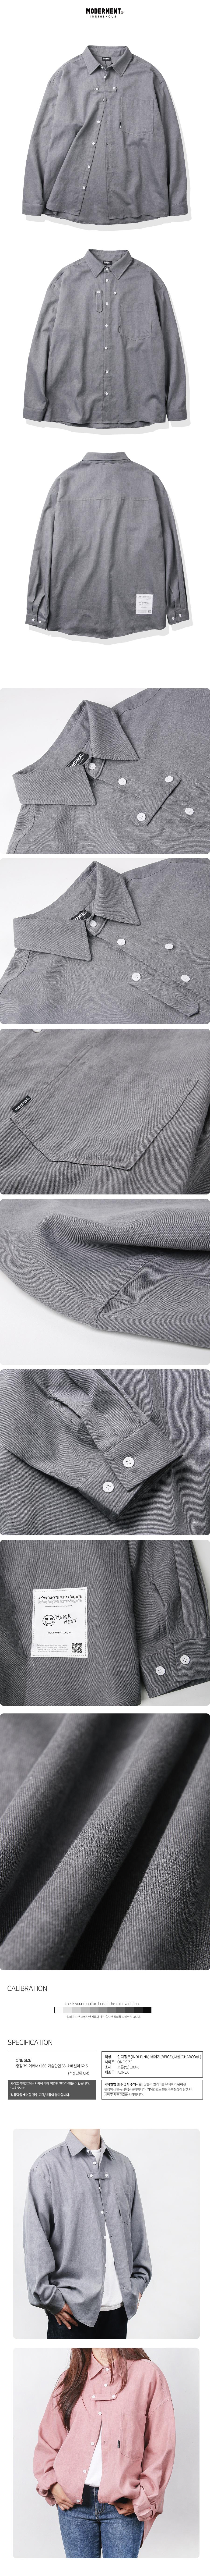 [UNISEX] 오버핏 로크업 피그먼트 셔츠 남방 (차콜)